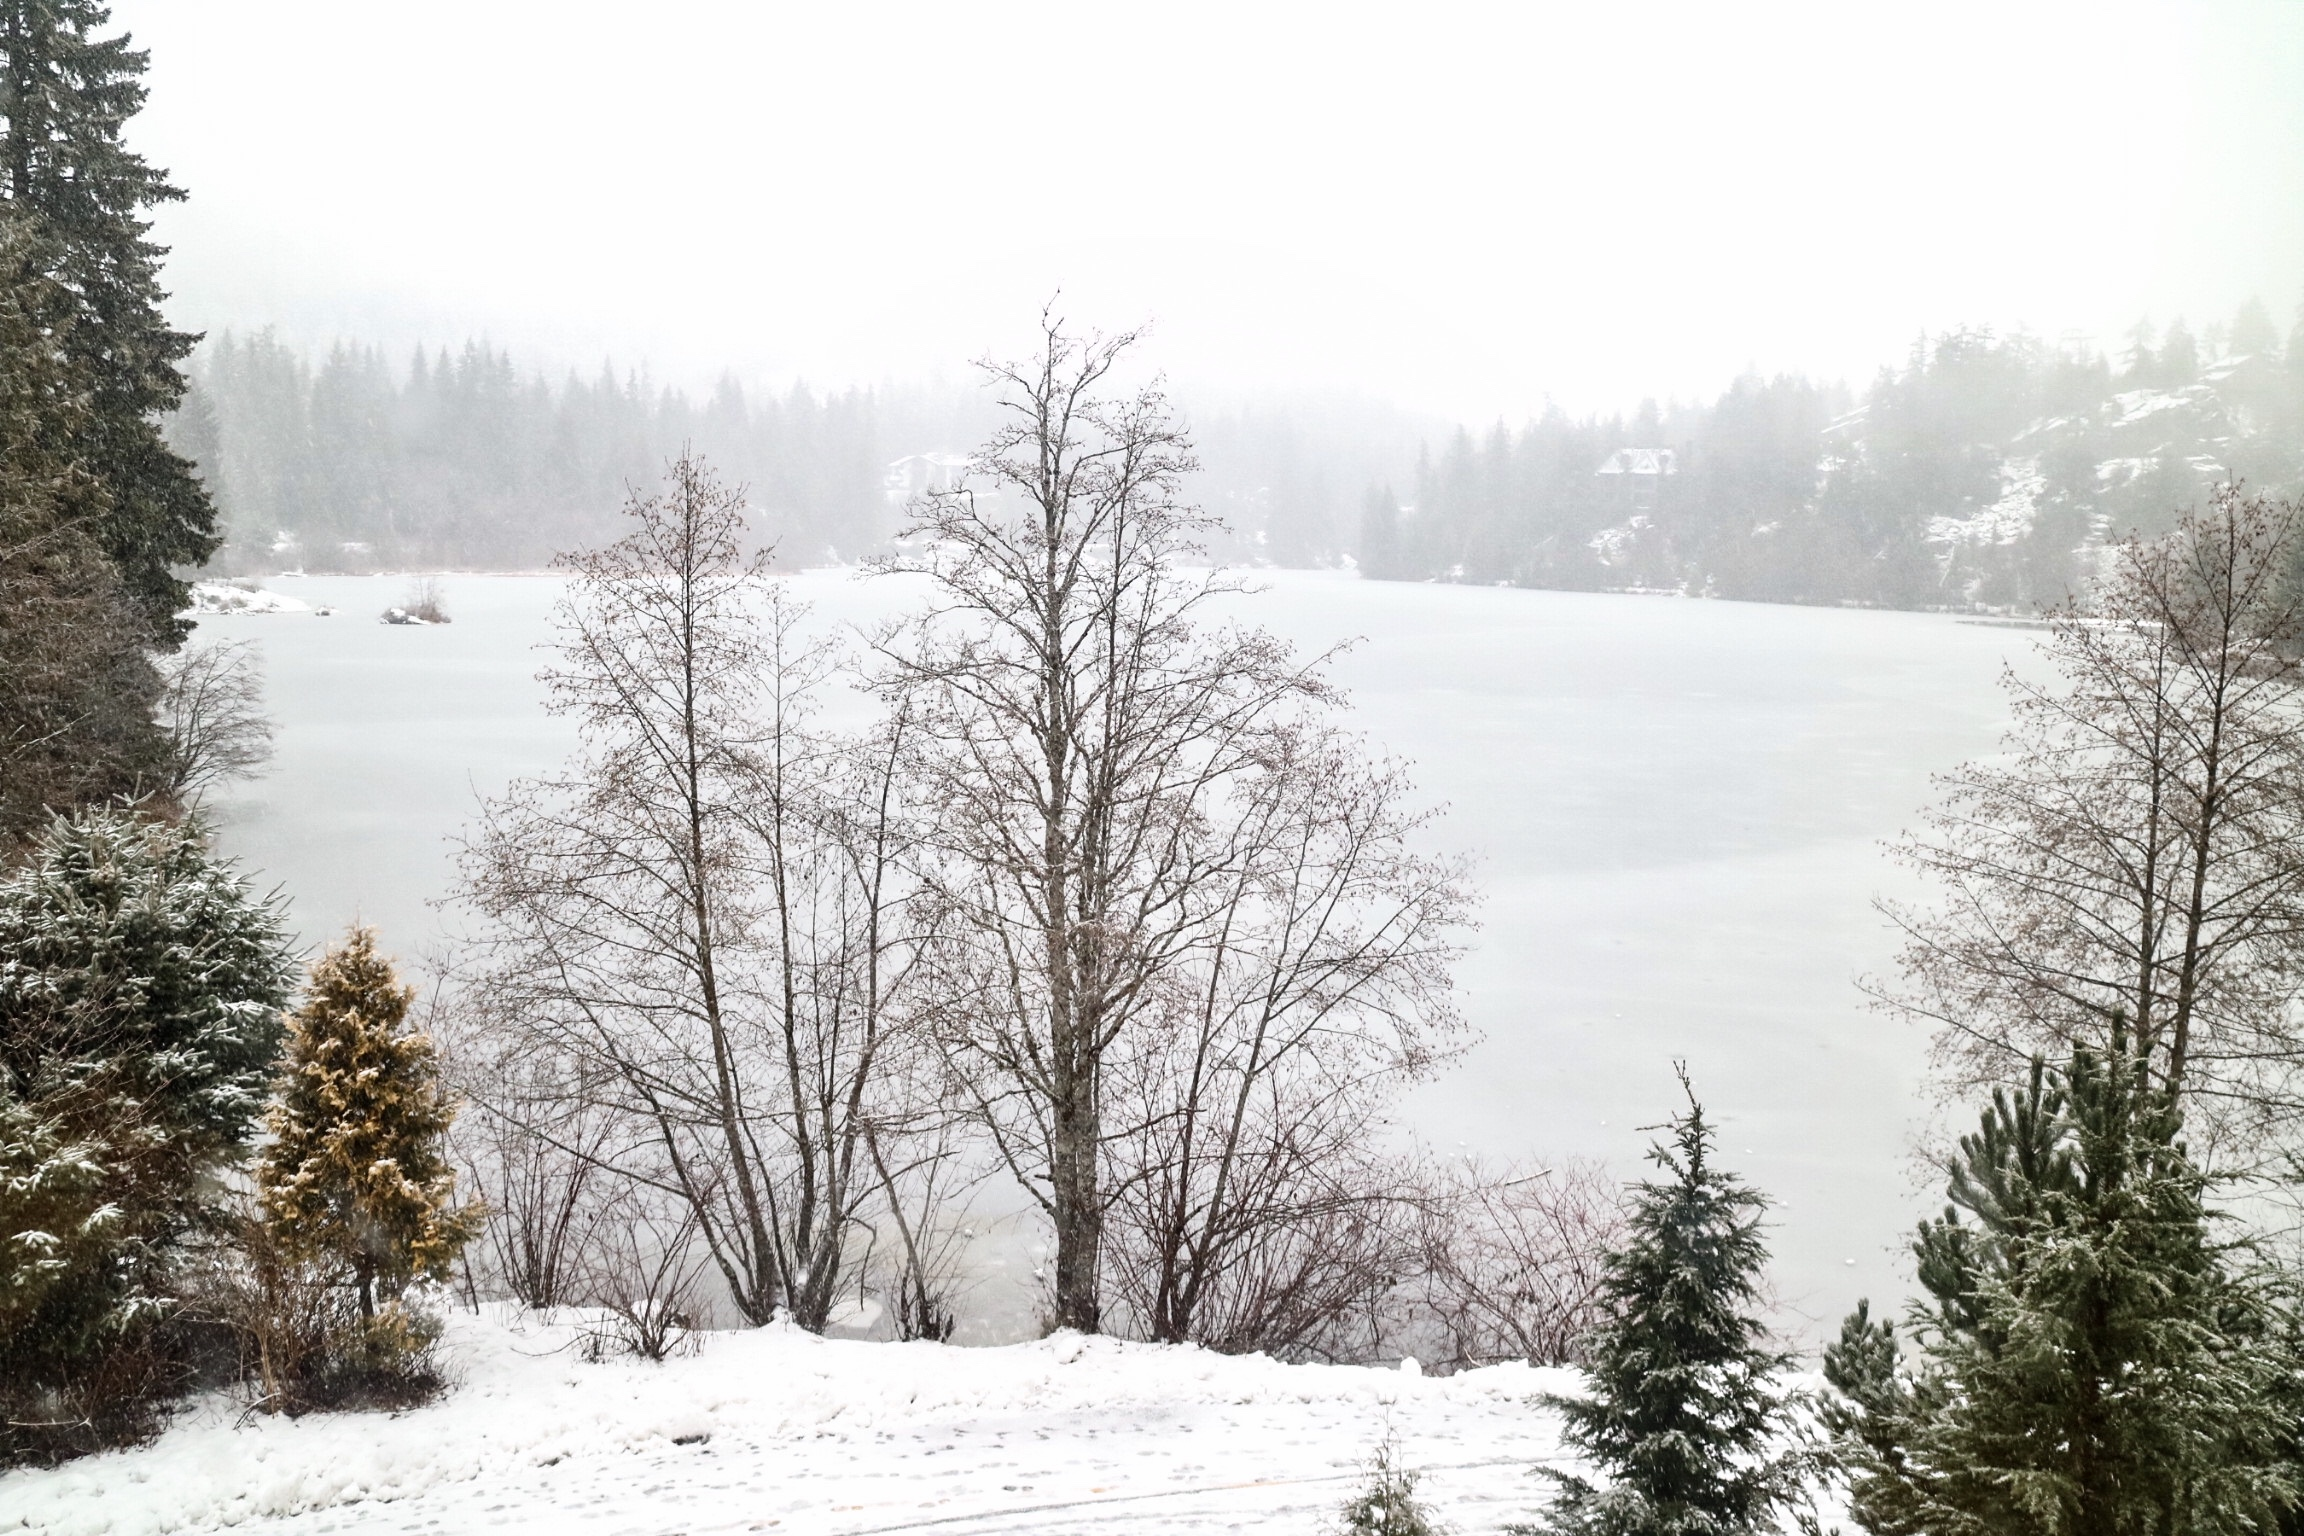 Nita Lake